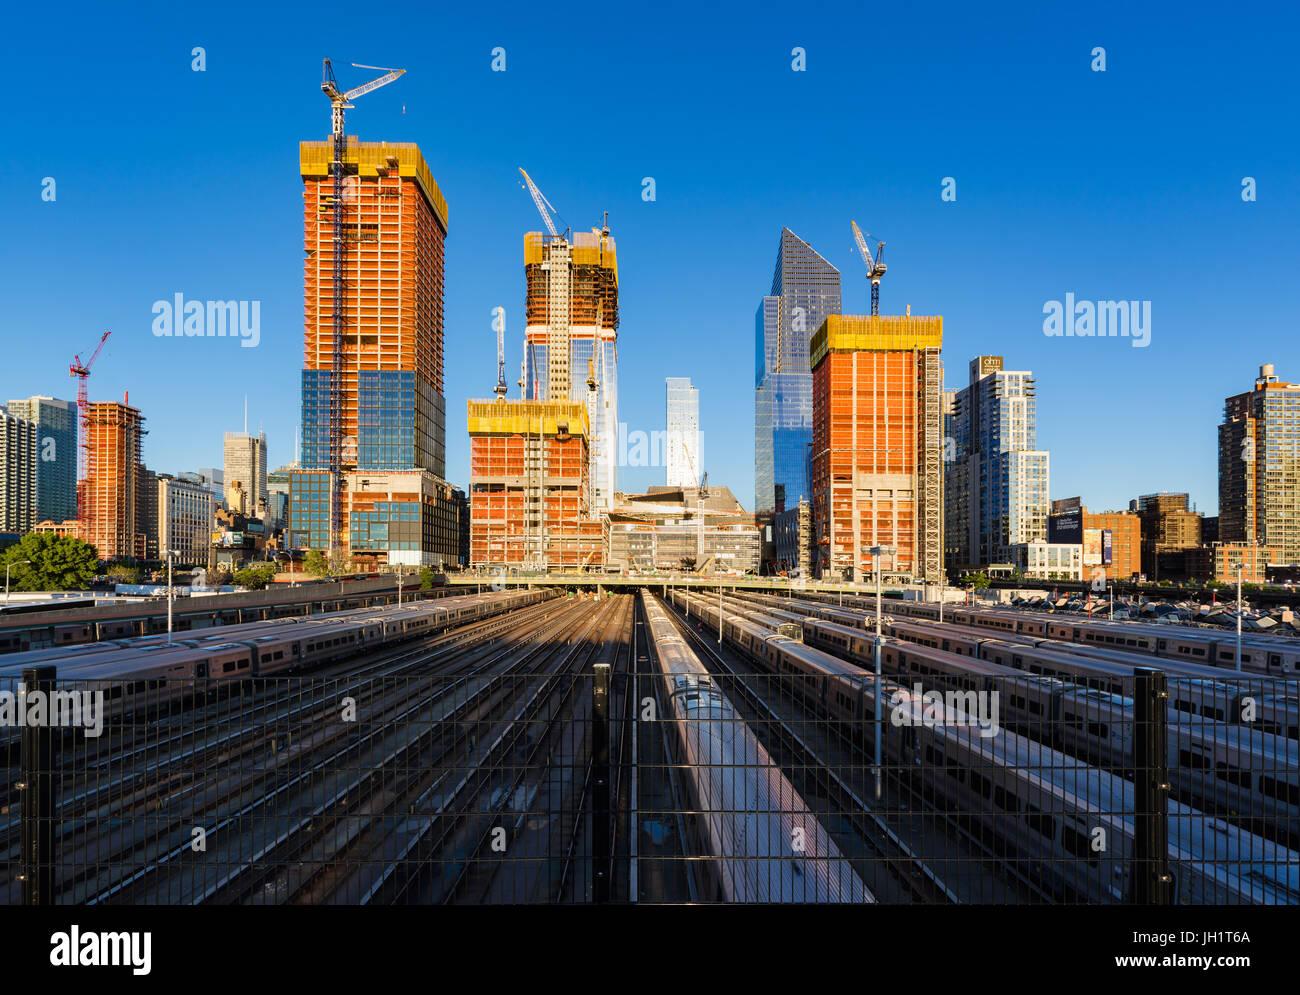 Le Hudson Yards chantier avec des rails de chemin de fer (2017). Midtown, Manhattan, New York City Photo Stock